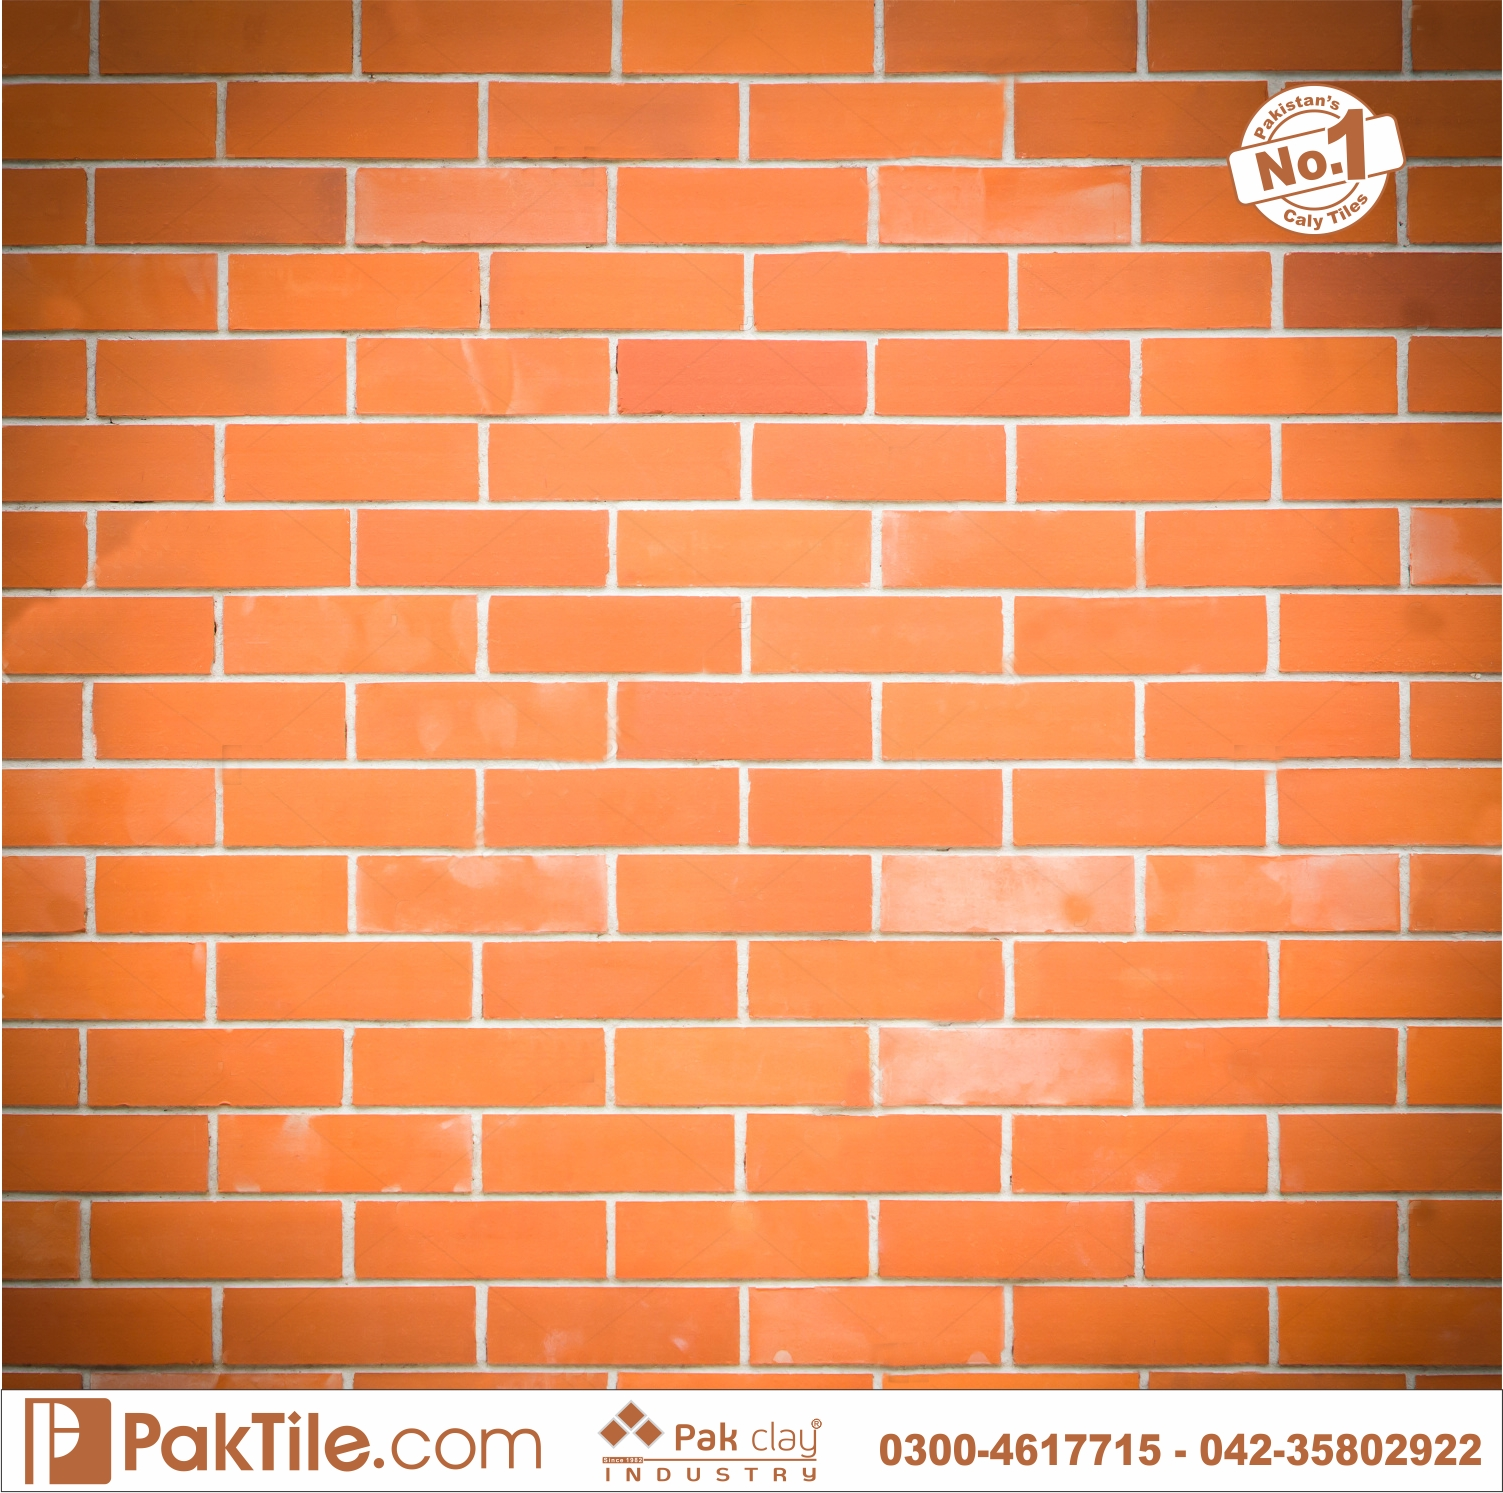 21 red bricks house pakistan pattoki bricks how to make red bricks images